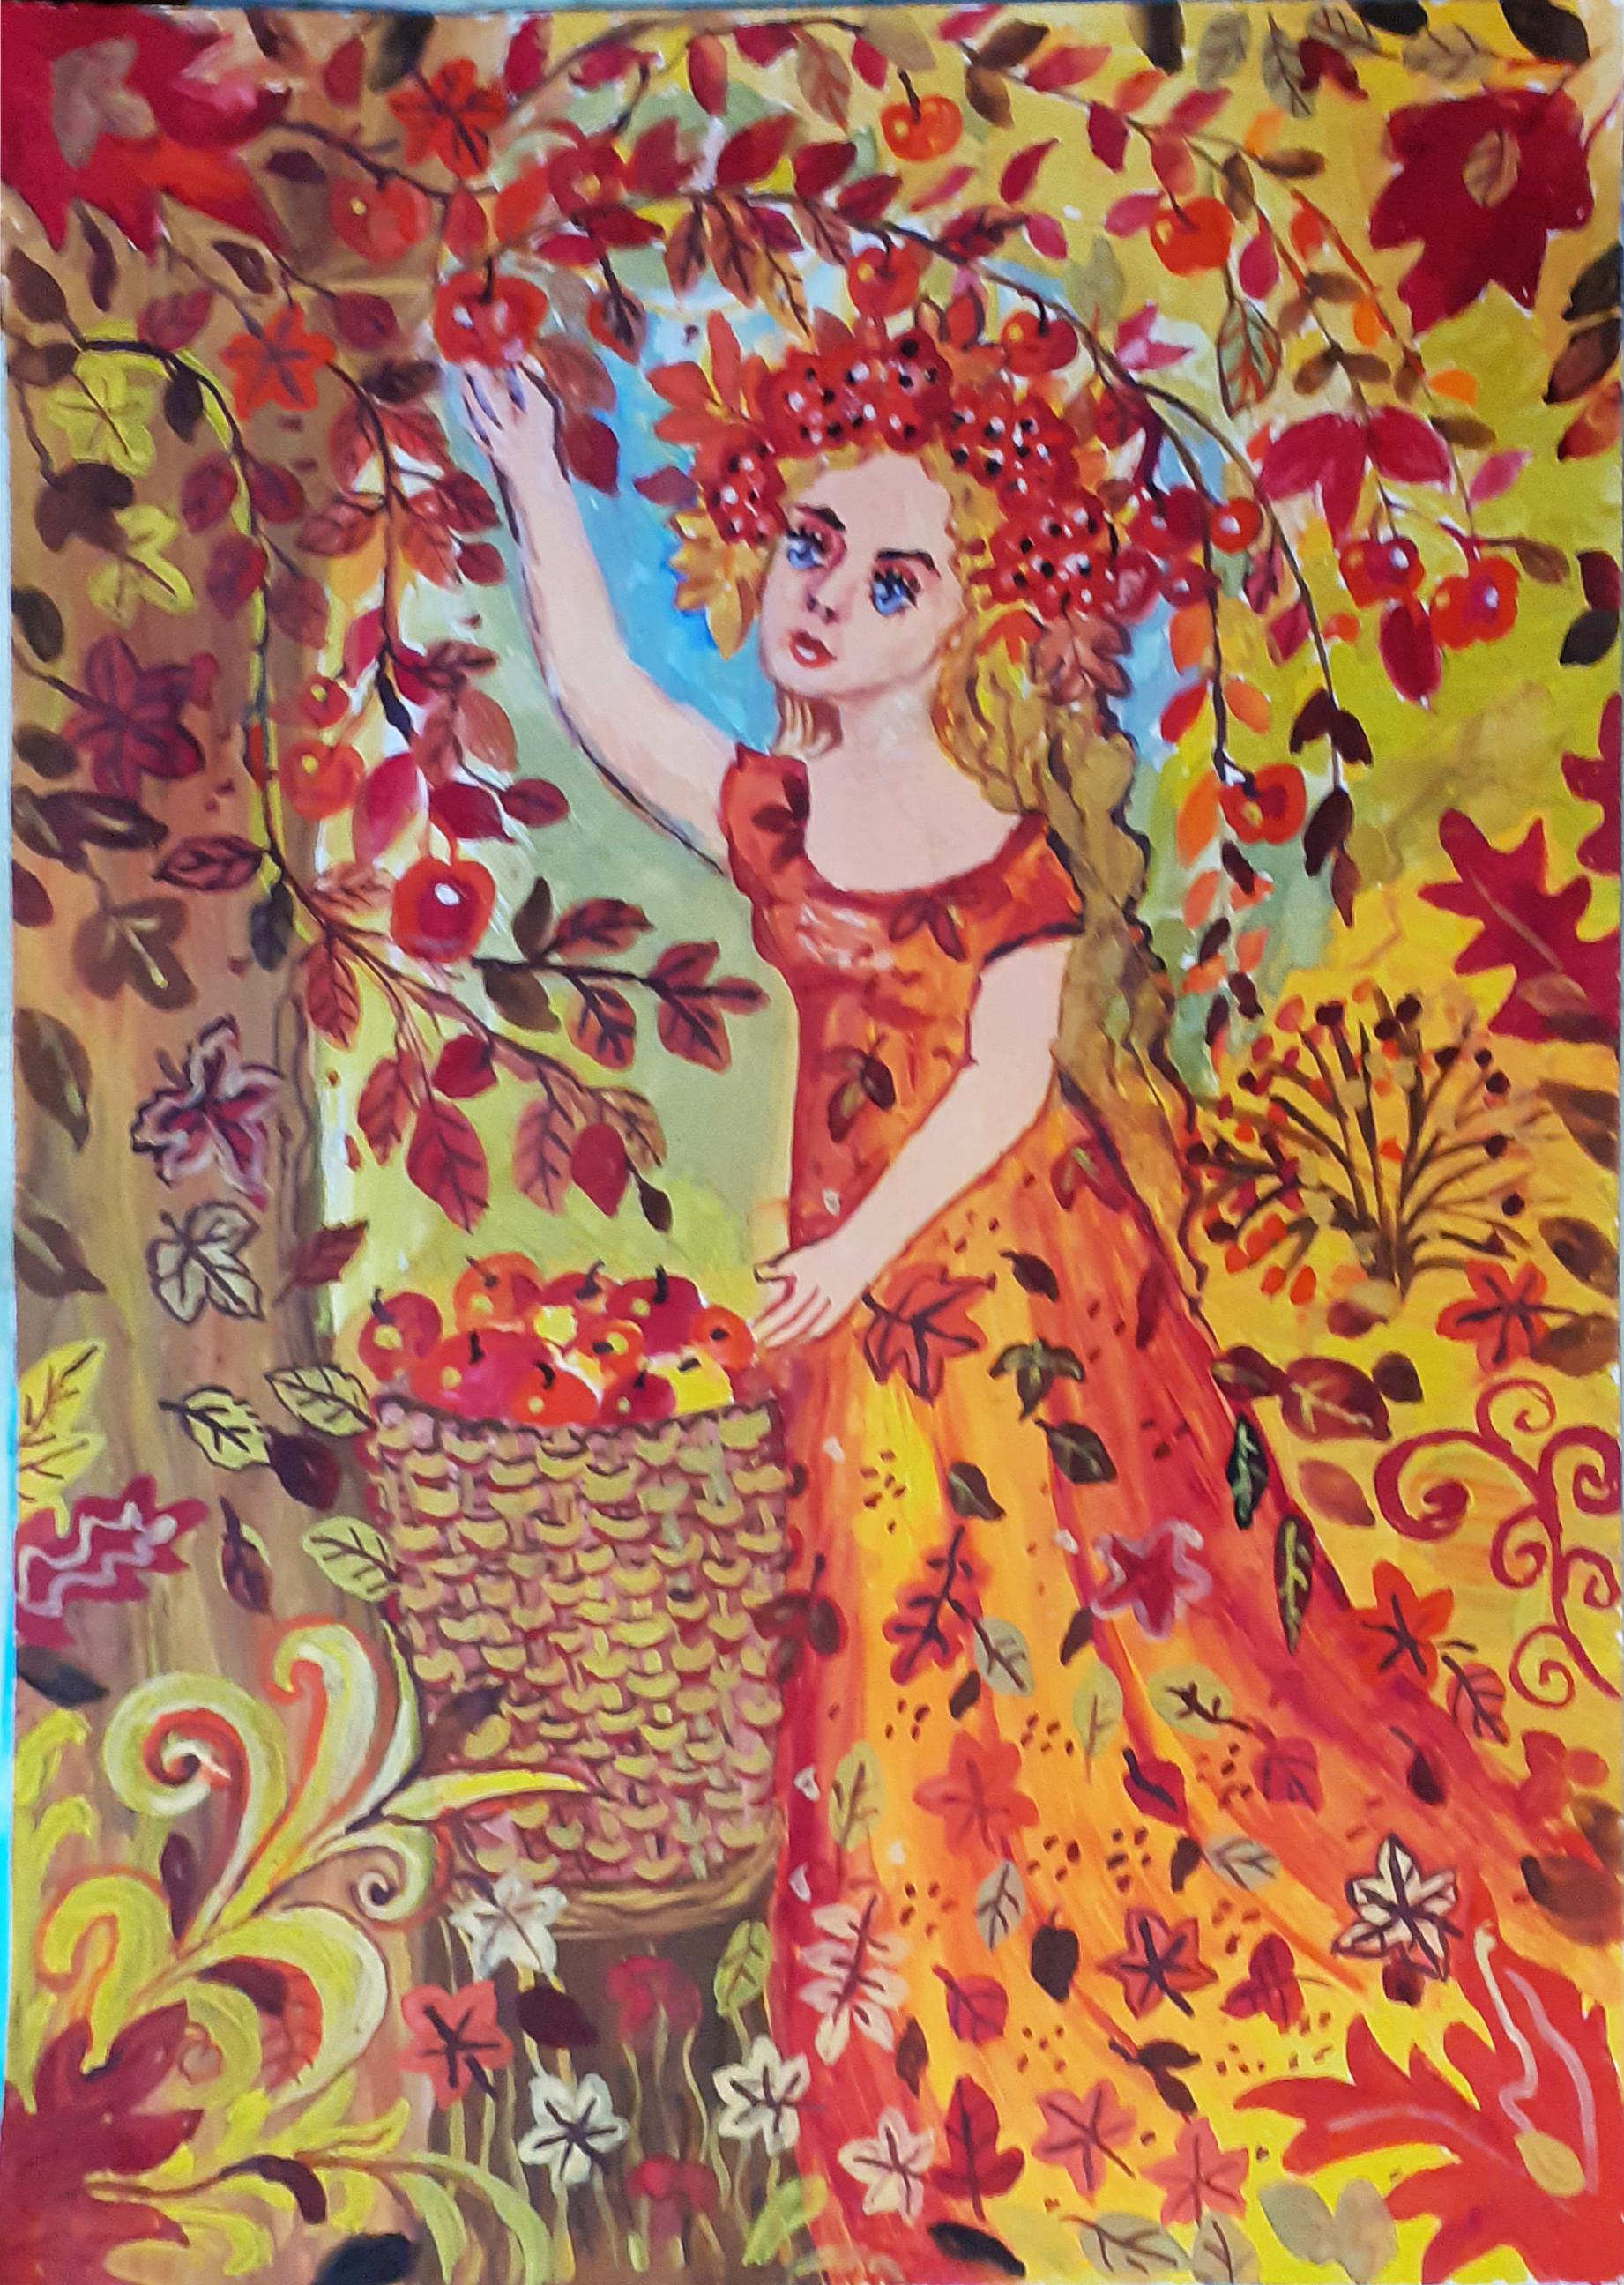 Алехина Наталья. Осень. Времена года